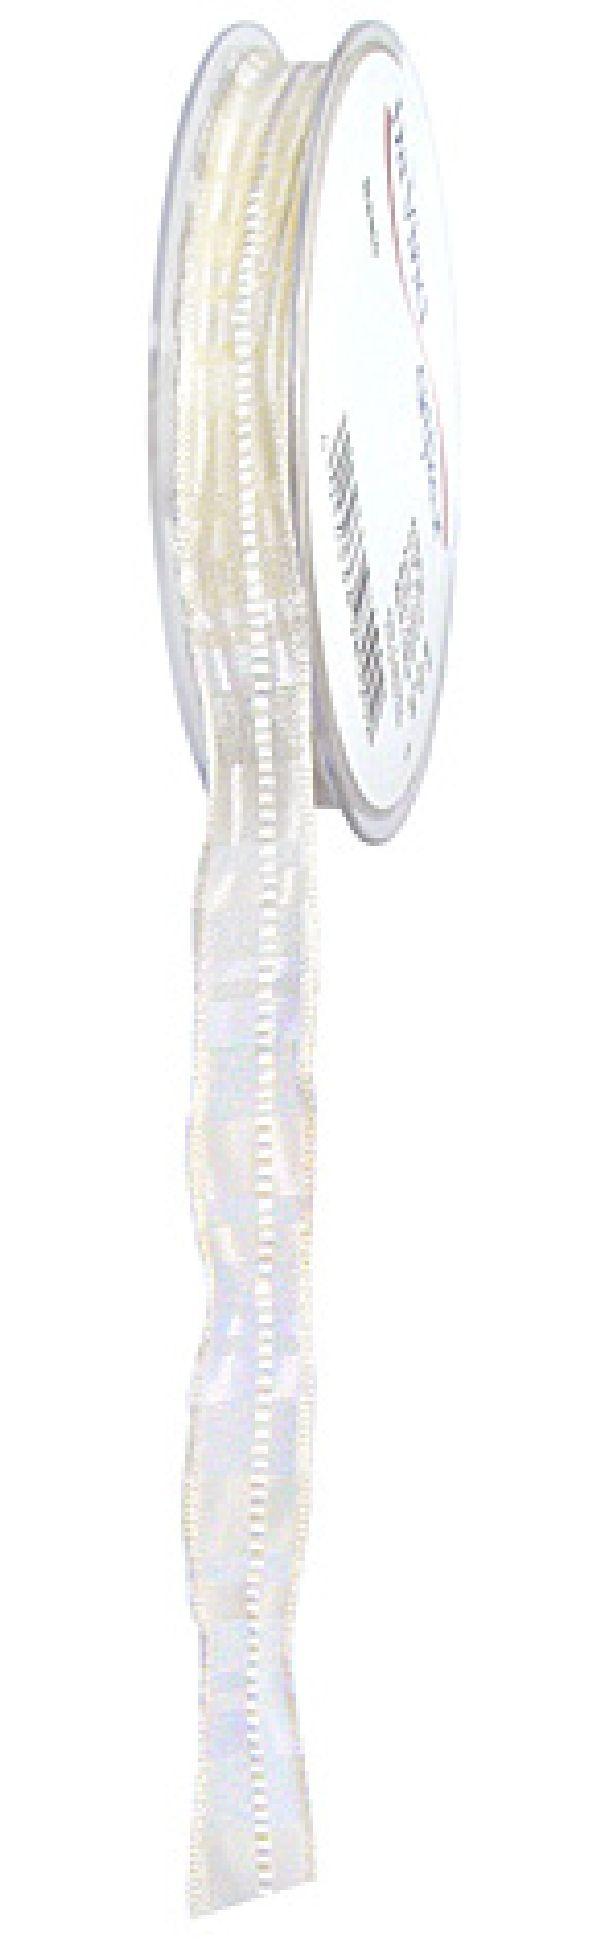 Jewel m.Draht WEISS 800 15mm 20m